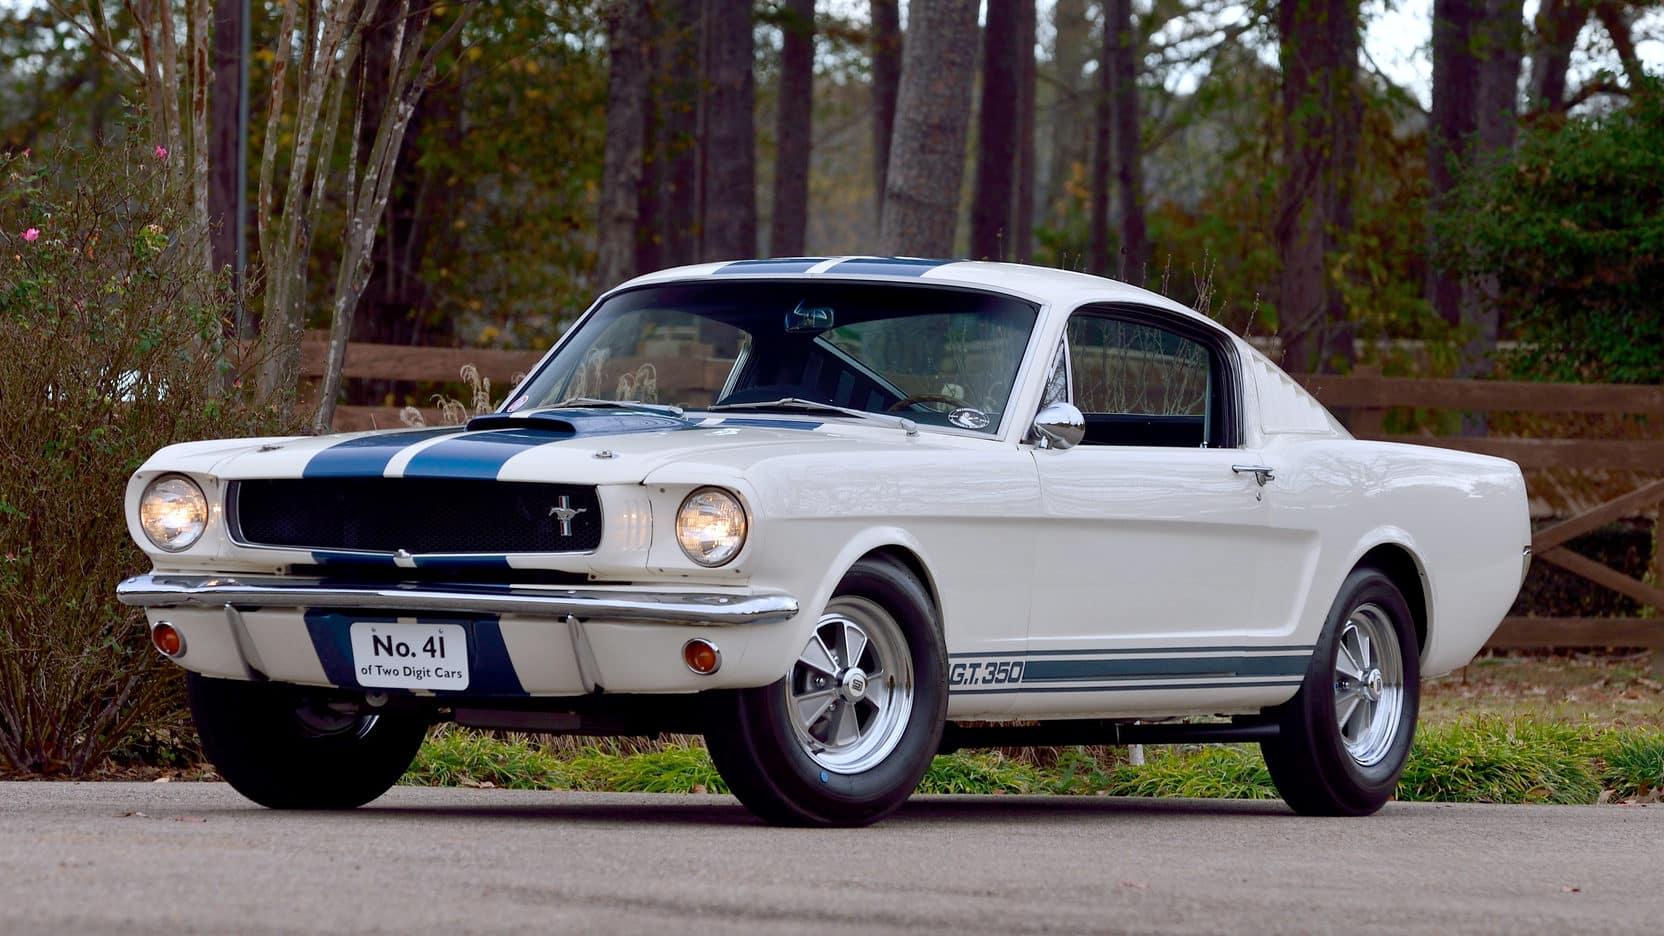 1965 Shelby GT350 Los 10 Ford Mustang más caros de todos los tiempos